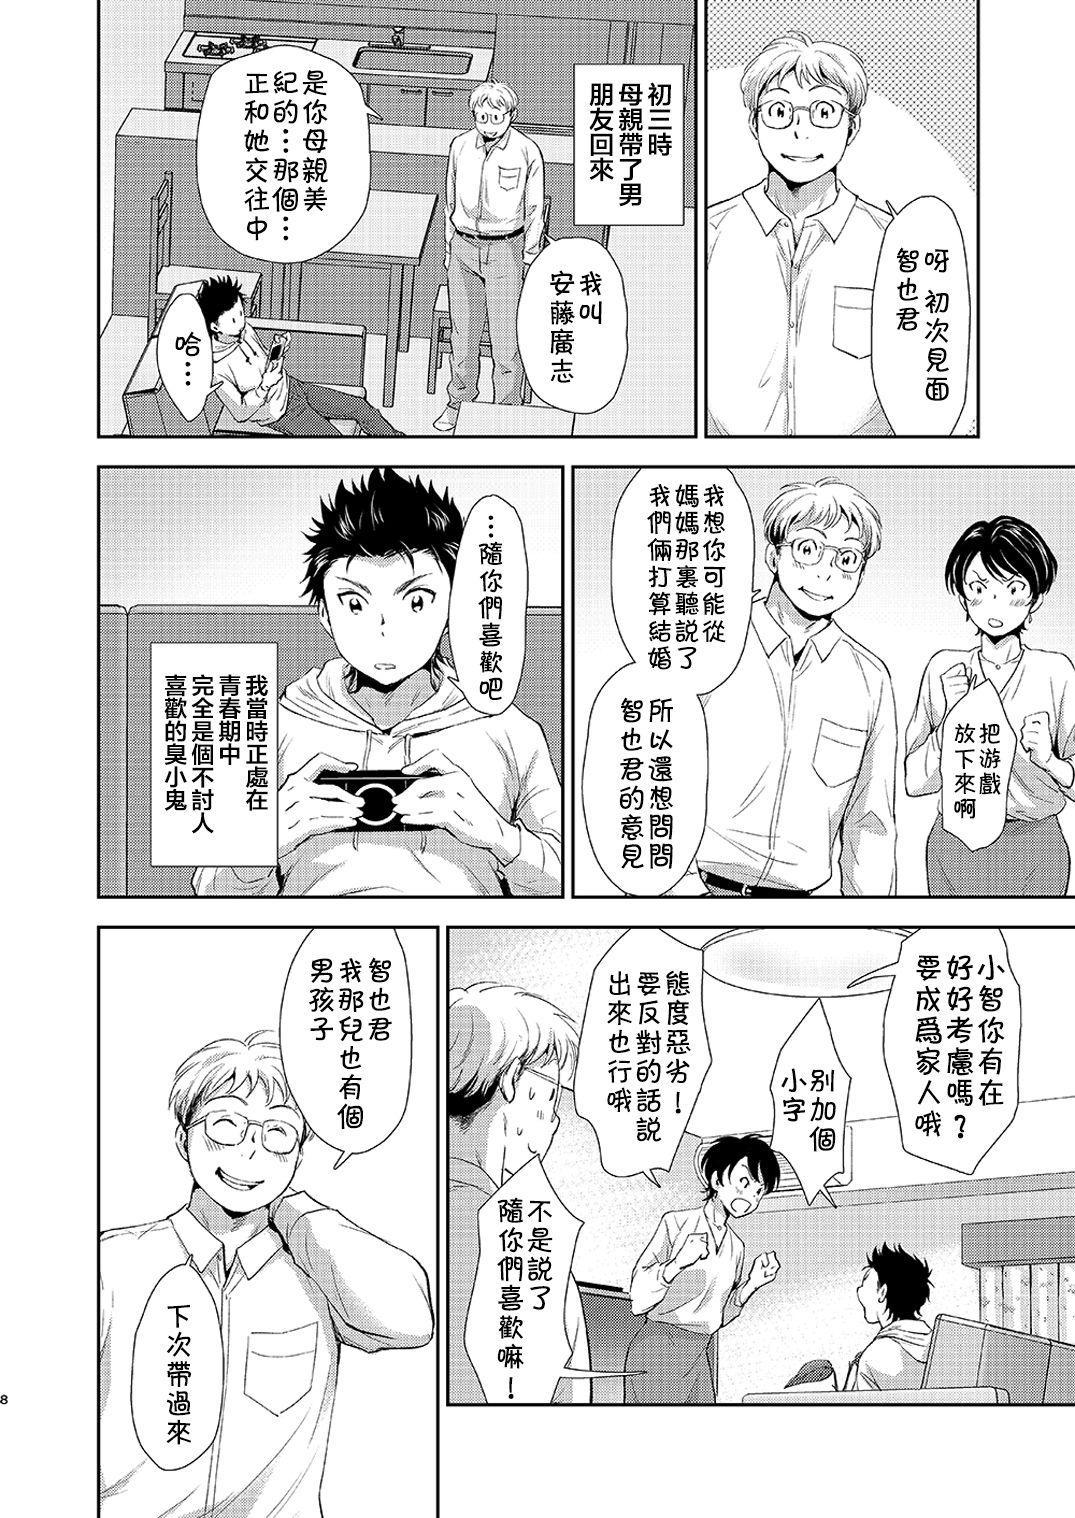 Kekkon Kinenbi no Sugoshikata 7